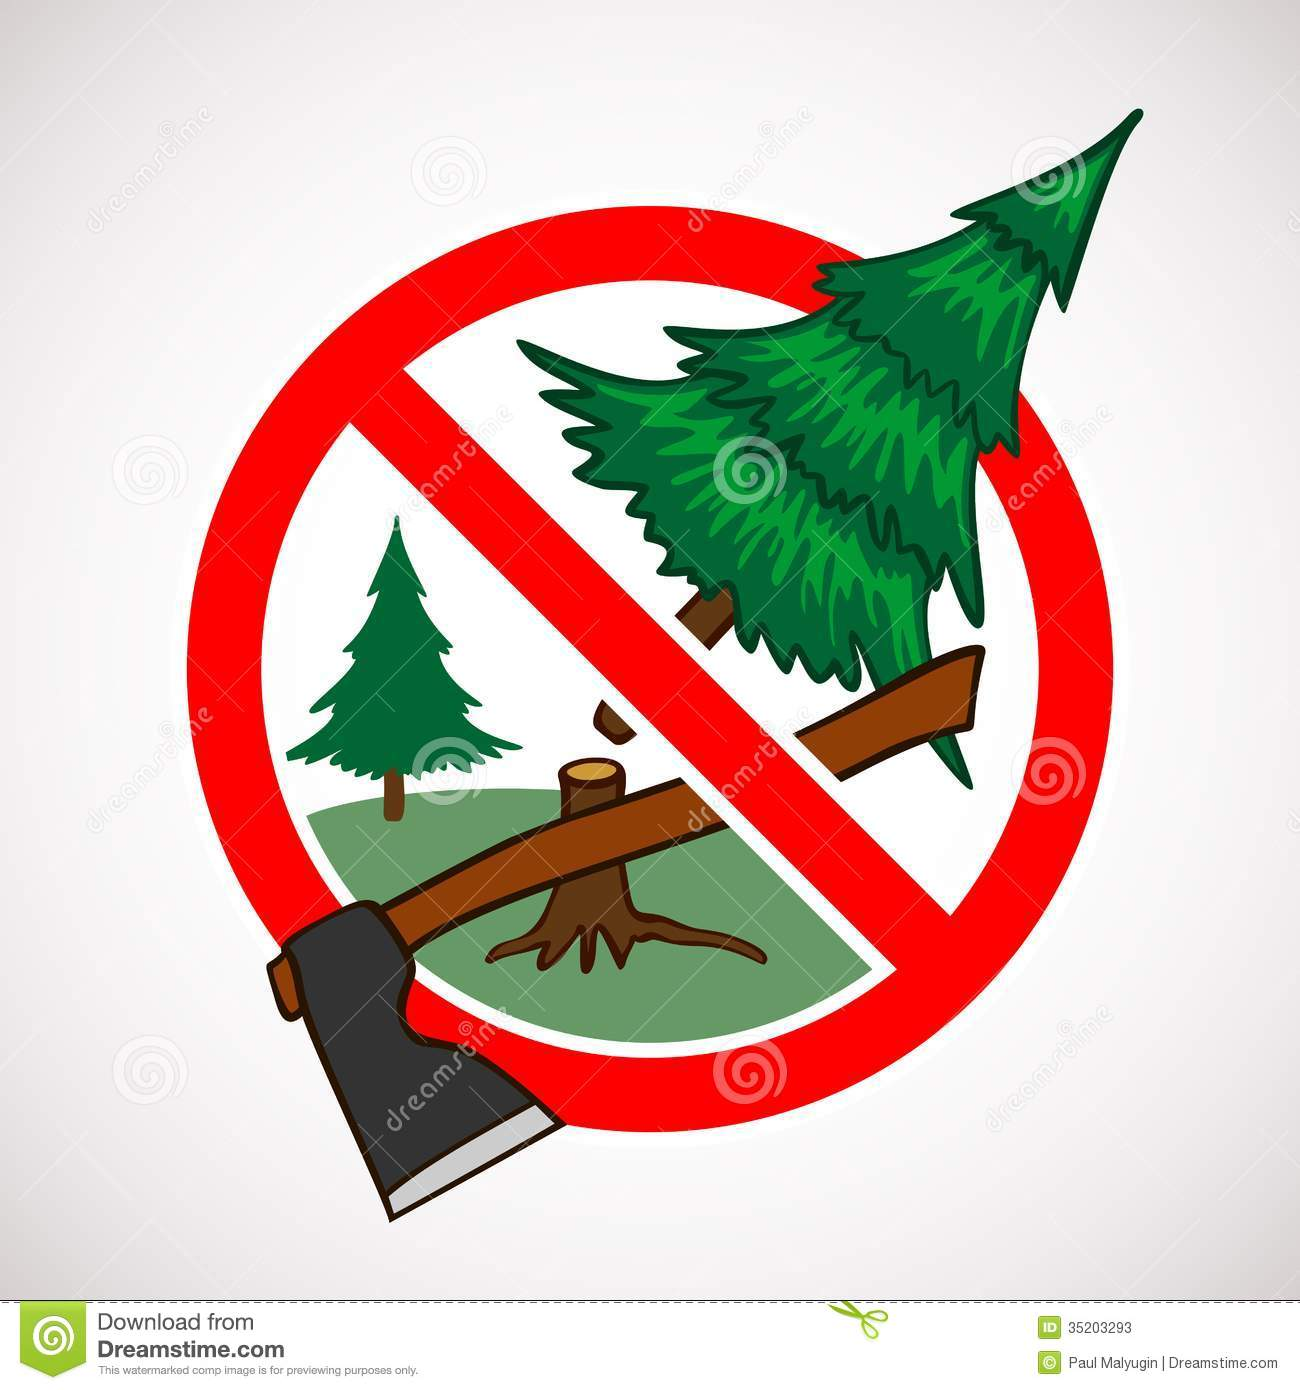 Half Christmas Trees For Wall